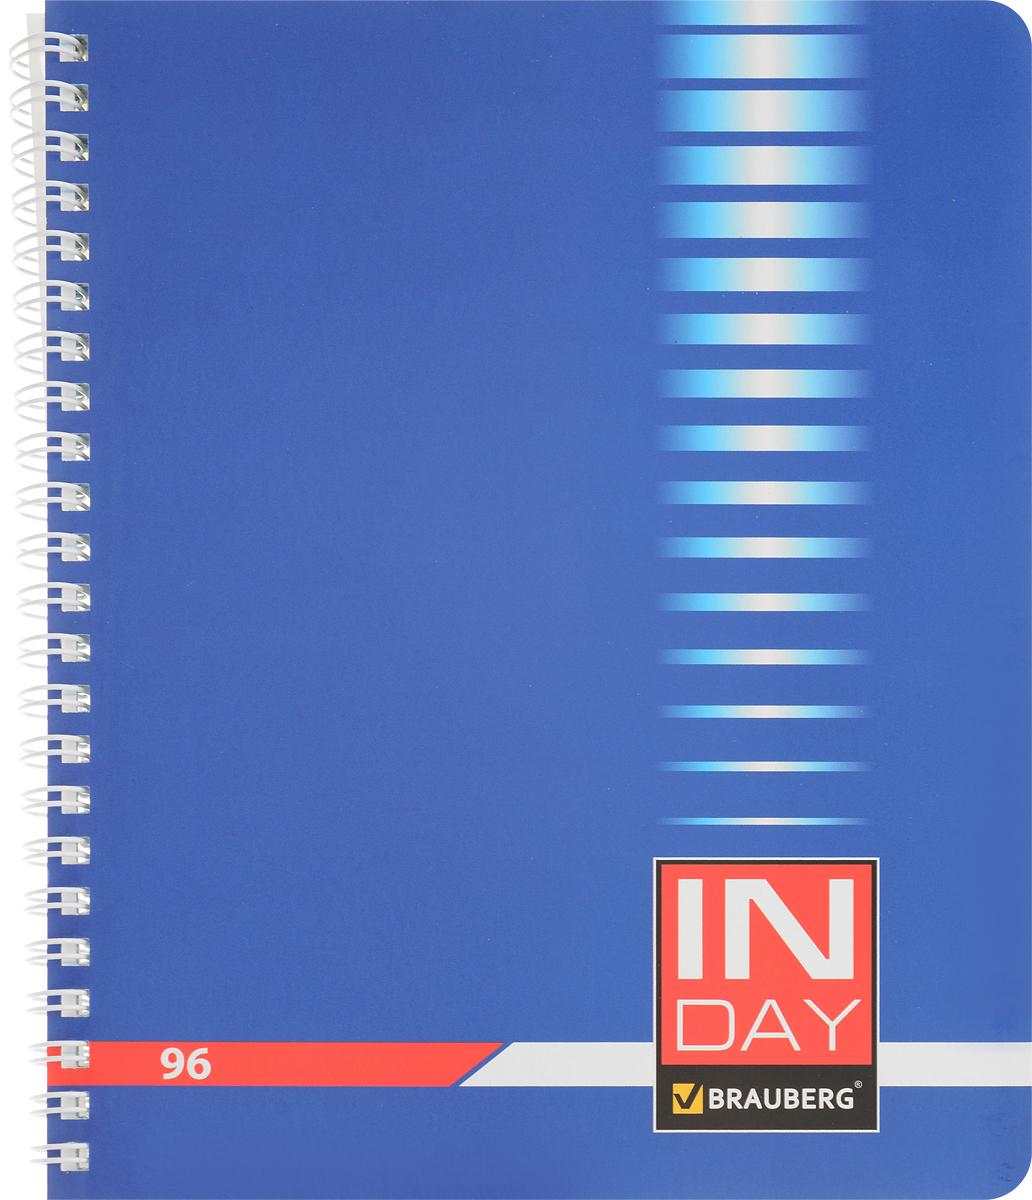 Brauberg Тетрадь In Day 96 листов в клетку цвет синий 400526400526_синийТетрадь Brauberg In Day на металлическом гребне пригодится как школьнику, так и студенту.Такое практичное и надежное крепление позволяет отрывать листы и полностью открывать тетрадь на столе. Обложка изготовлена из импортного мелованного картона. Внутренний блок выполнен из высококачественного офсета в стандартную клетку без полей. Тетрадь содержит 96 листов. Страницы тетради дополнены микроперфорацией для удобного отрыва листов.